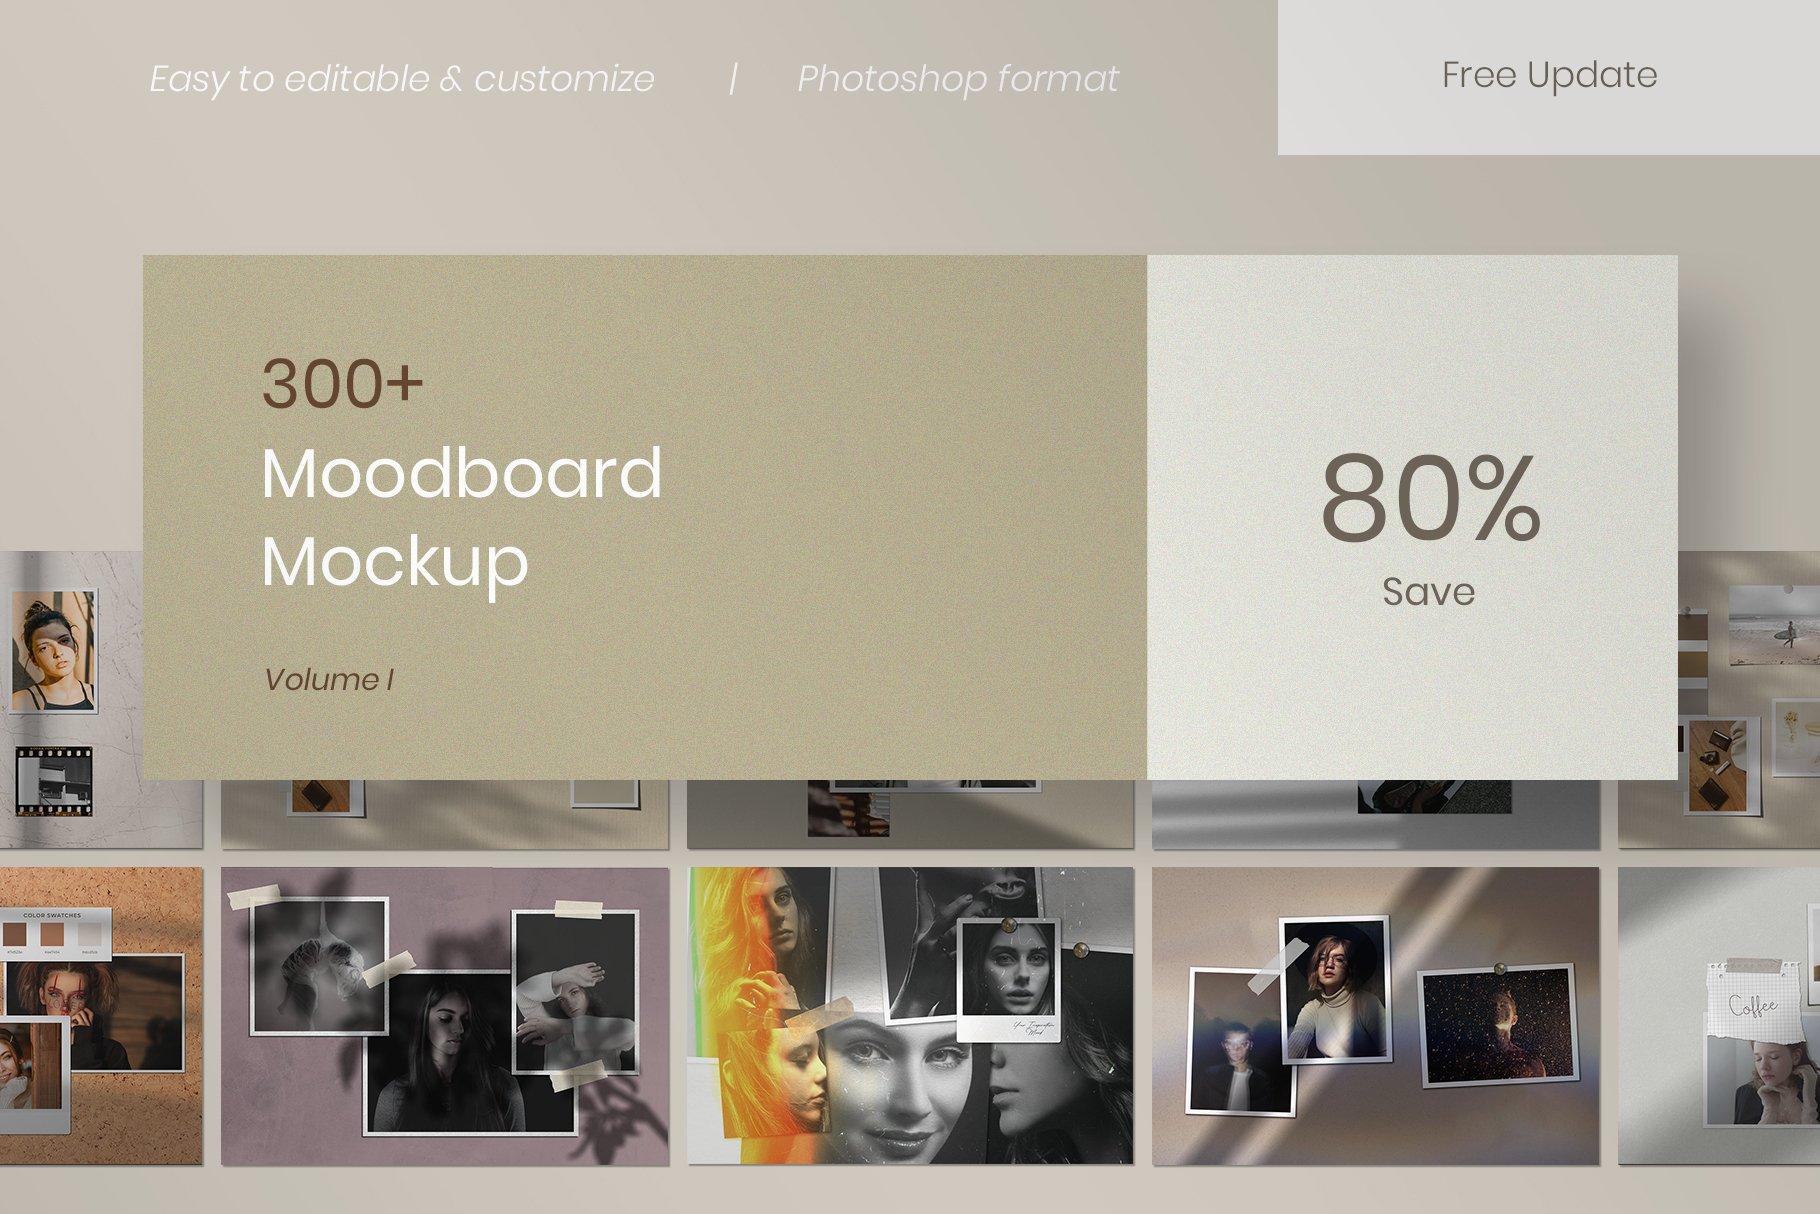 [淘宝购买] 10套文艺情绪板摄影相片卡片拼贴设计PSD源文件 Bundle Moodboard Mockup V1插图